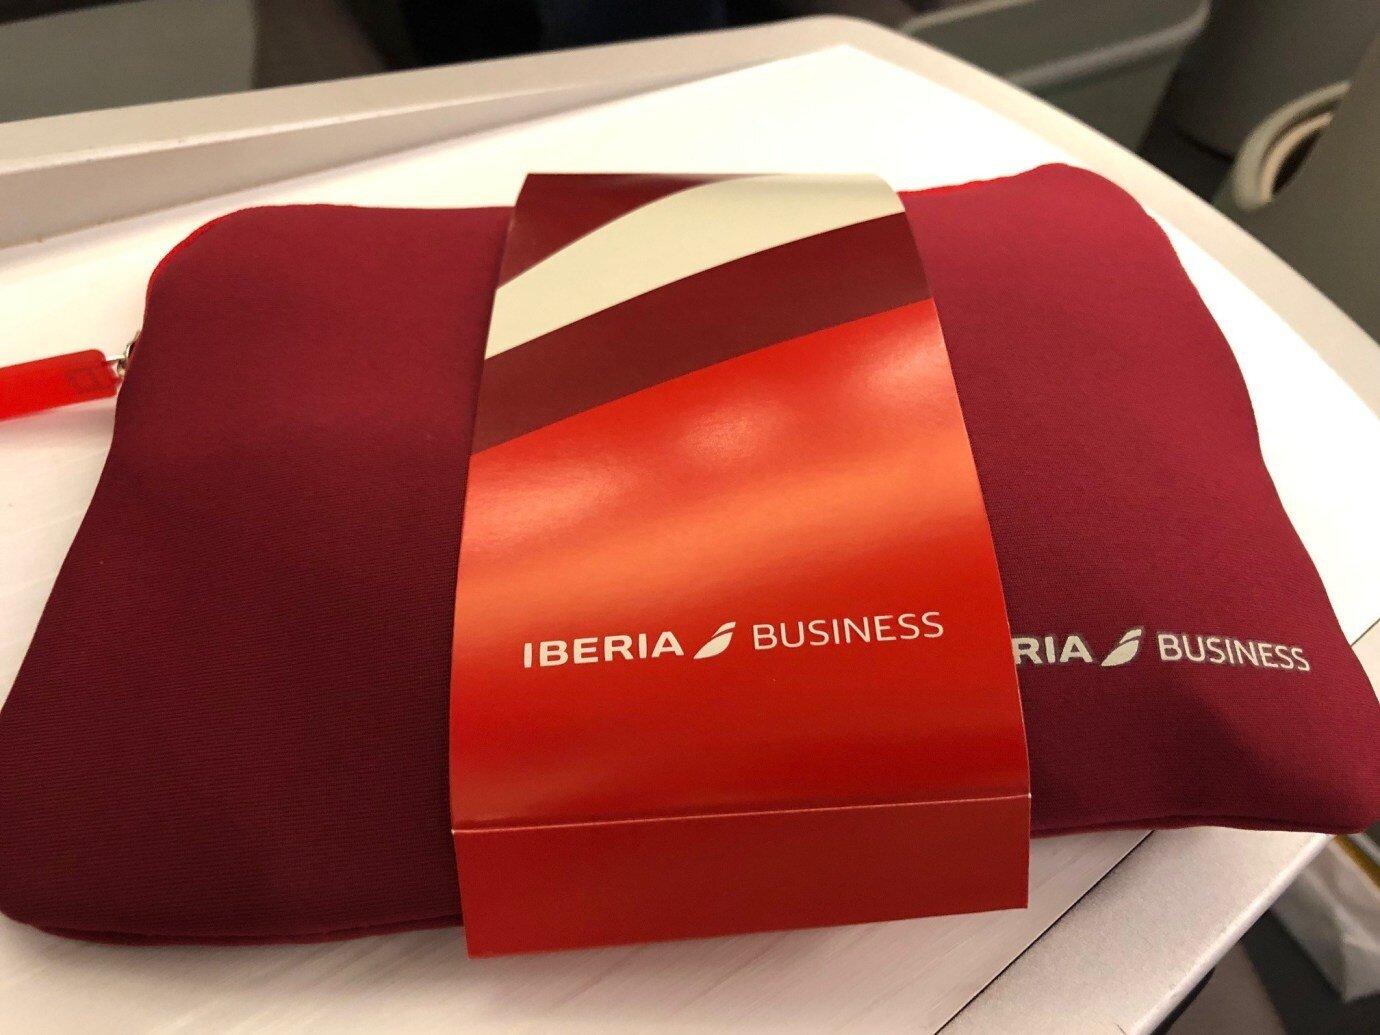 過夜包是大紅色的軟質布包,雖然不是什麼名牌設計,但實用性也不錯